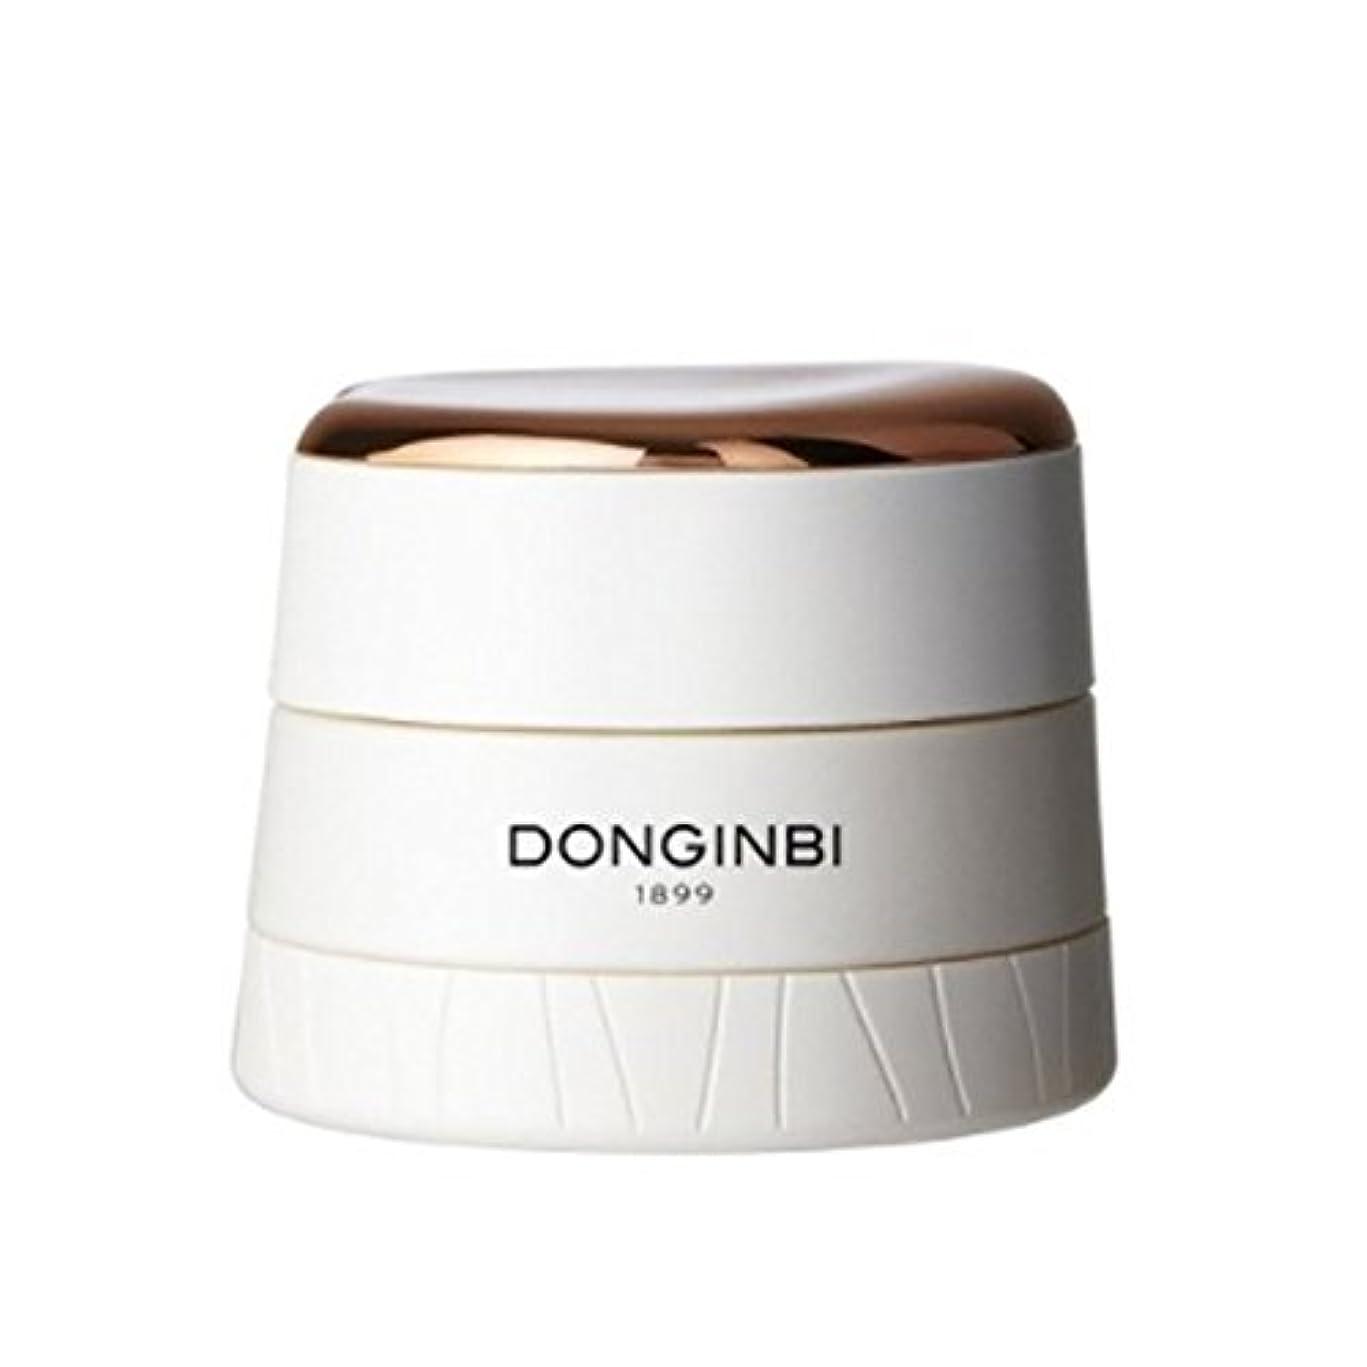 経済構造的符号[ドンインビ]DONGINBI ドンインビユン クリーム60ml 海外直送品 cream 60ml [並行輸入品]